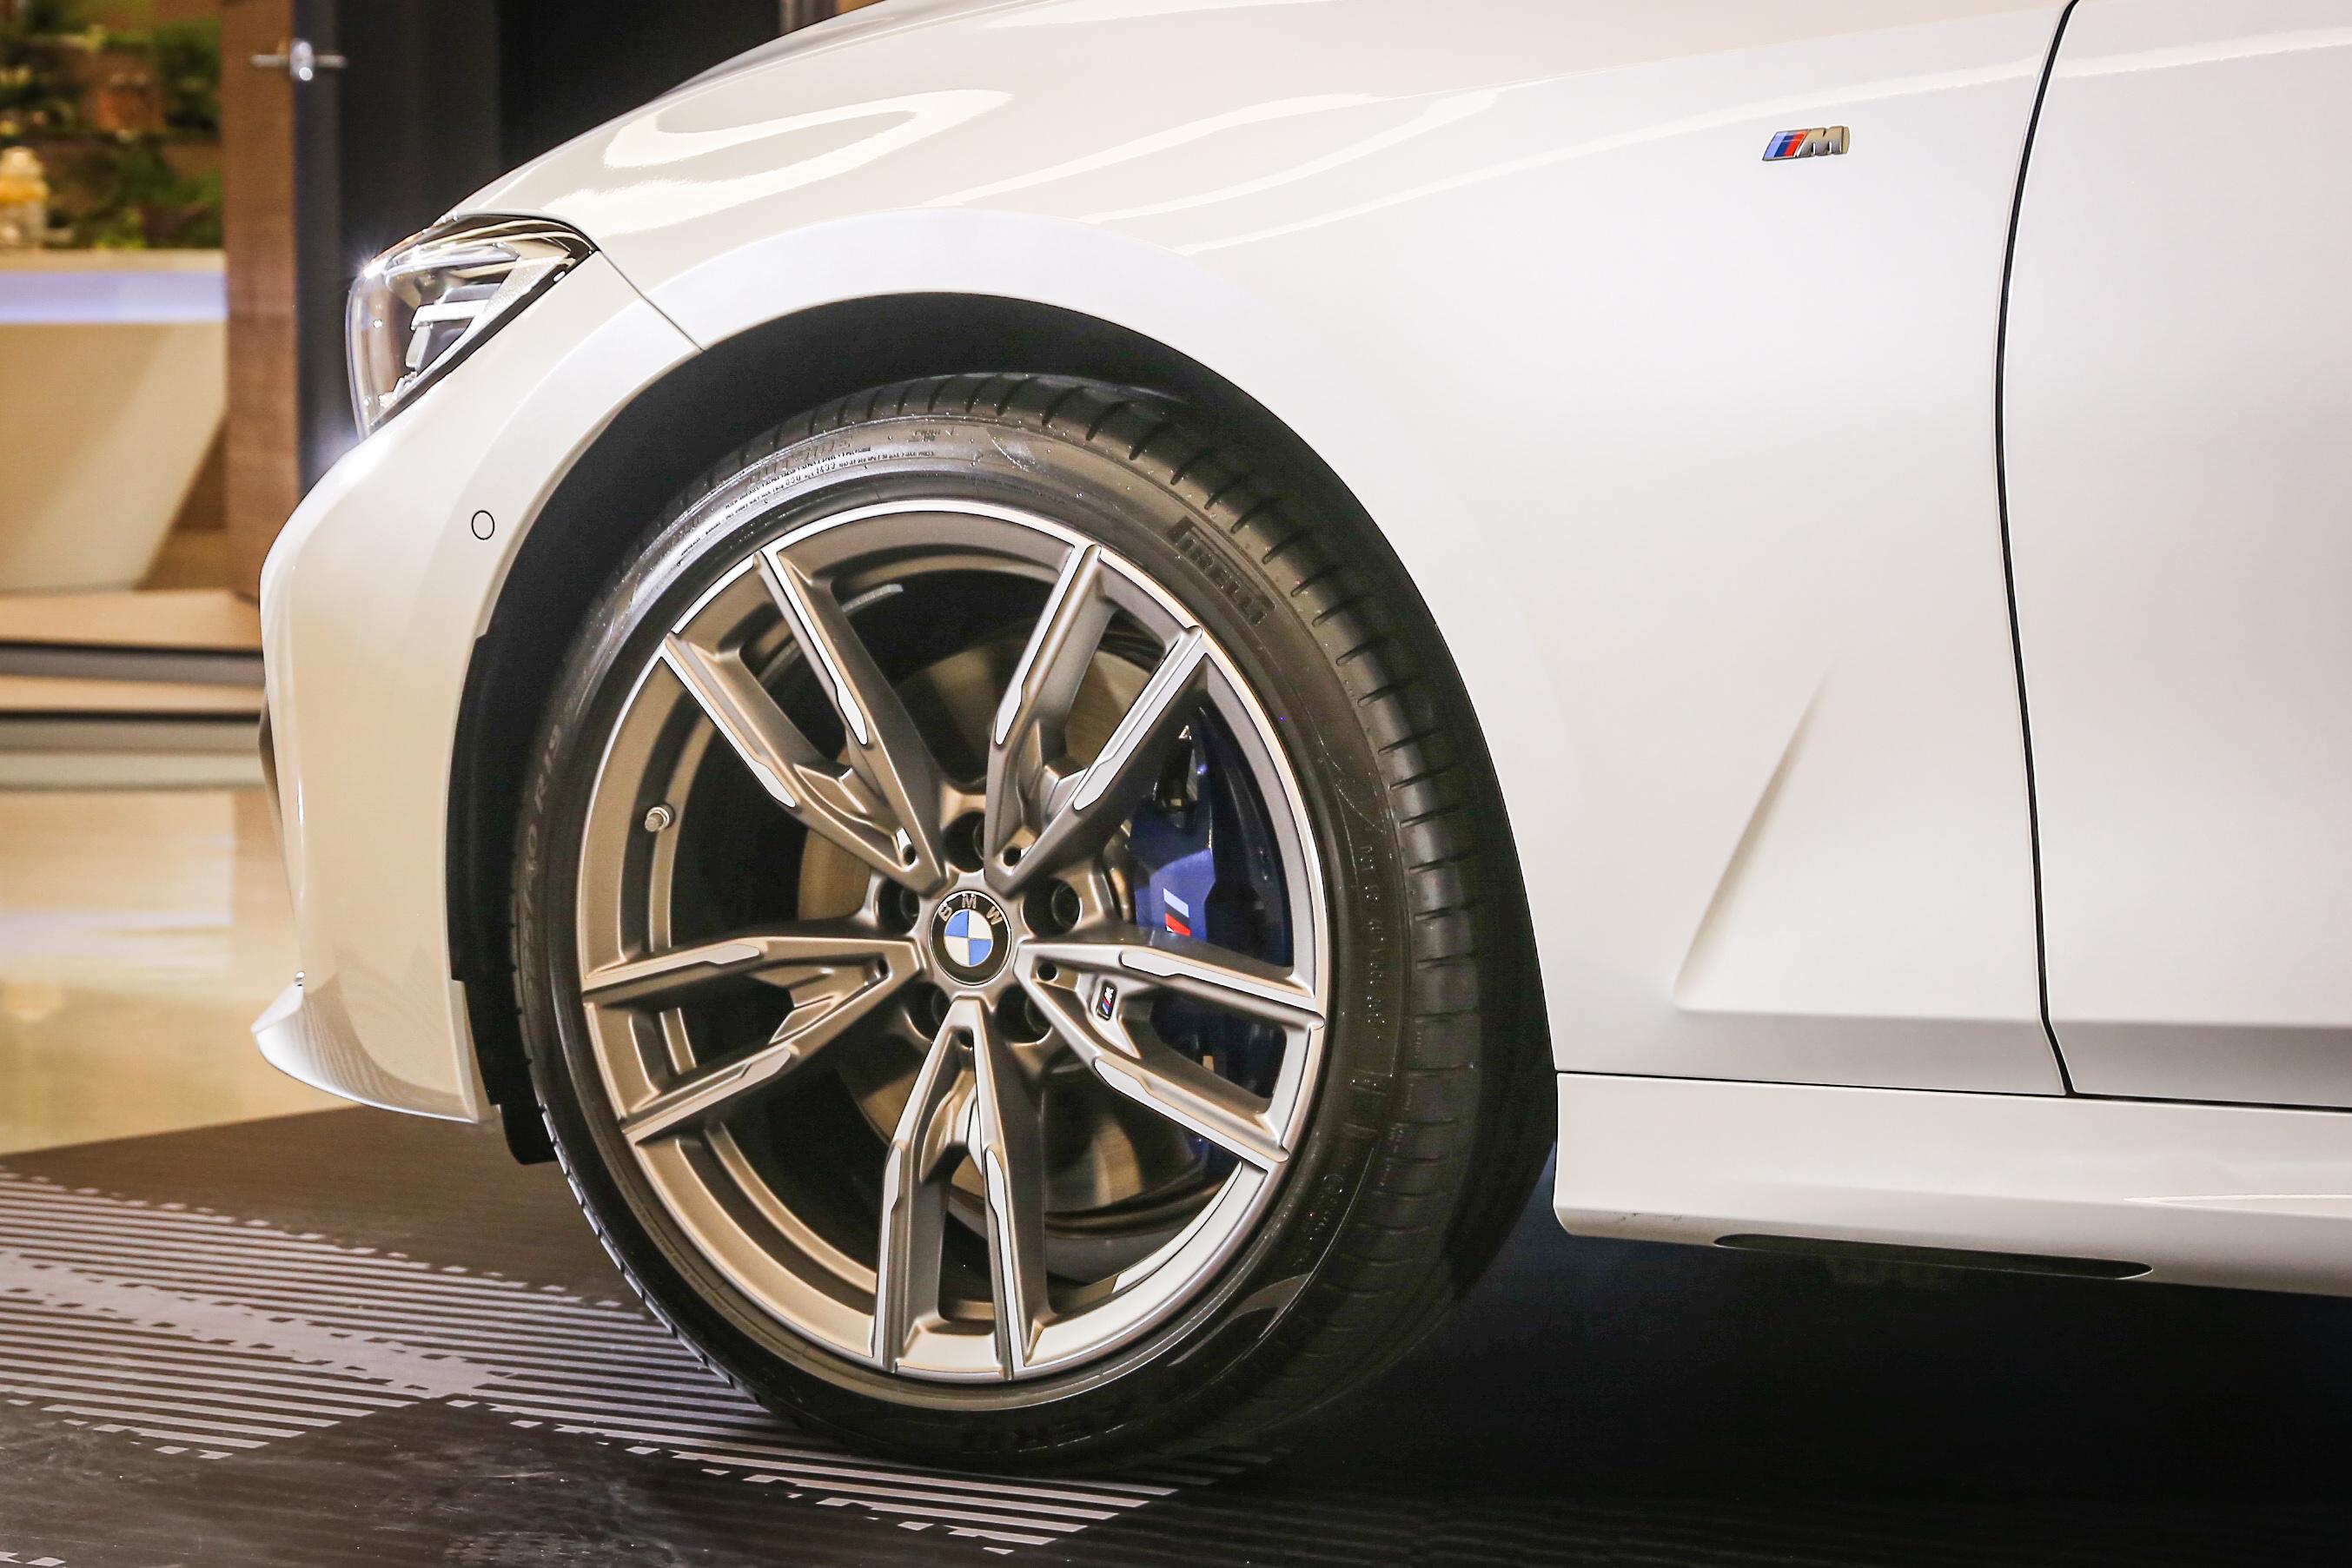 底盤方面採用 M 款跑車化電子懸吊系統、M 款運動化差速器、xDrive 智慧型可變四輪傳動系統、19 吋 M 款雙輻式輪圈。